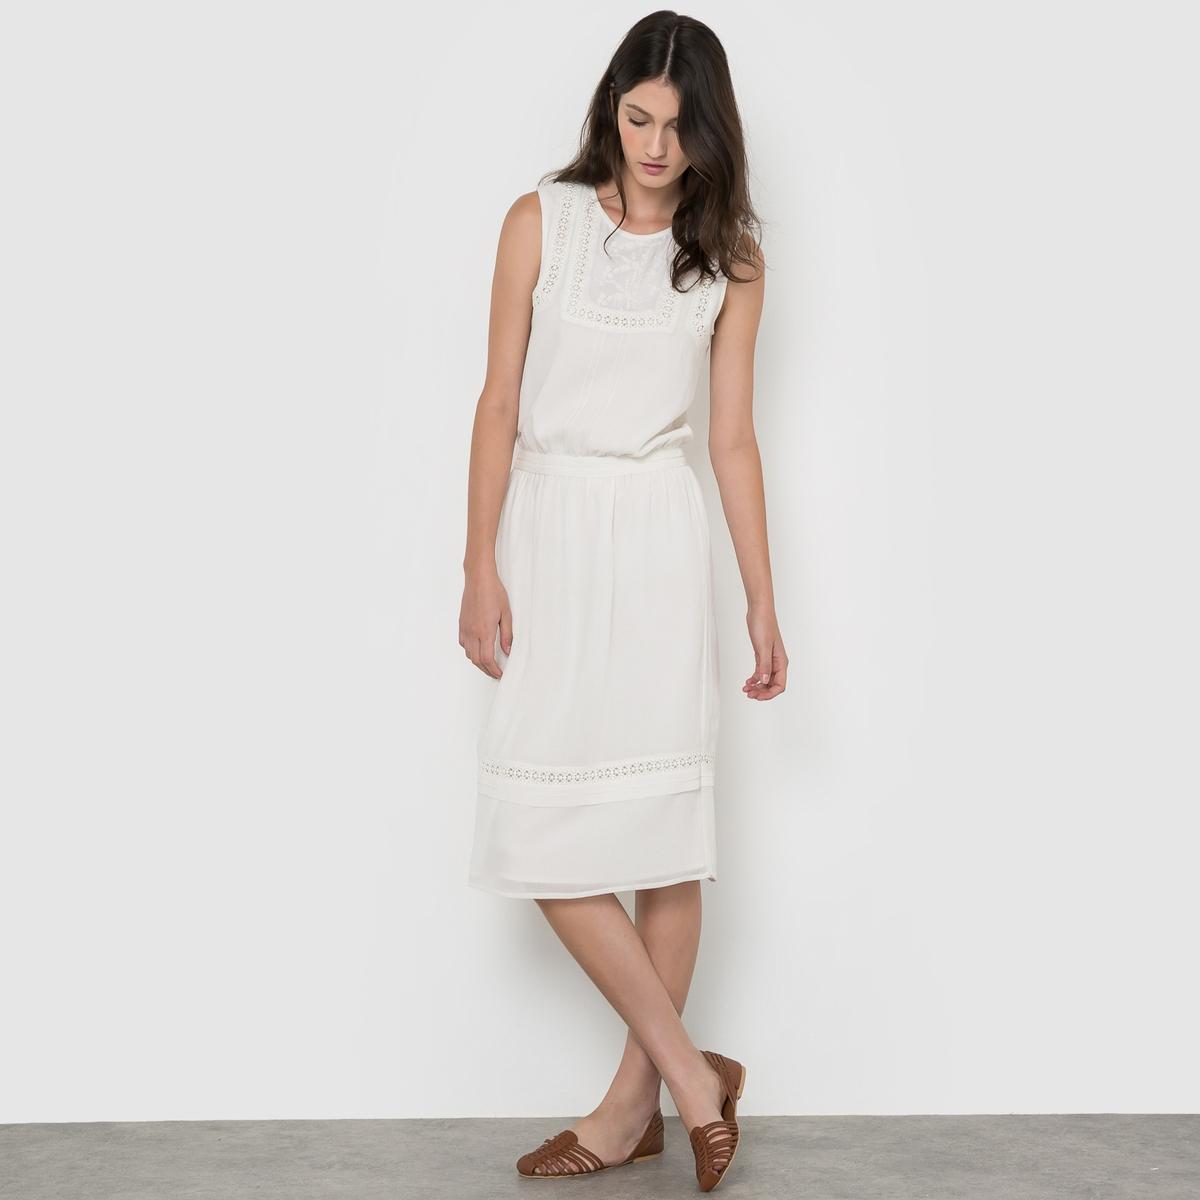 Платье без рукавов с отделкой кружевом и вышивкой